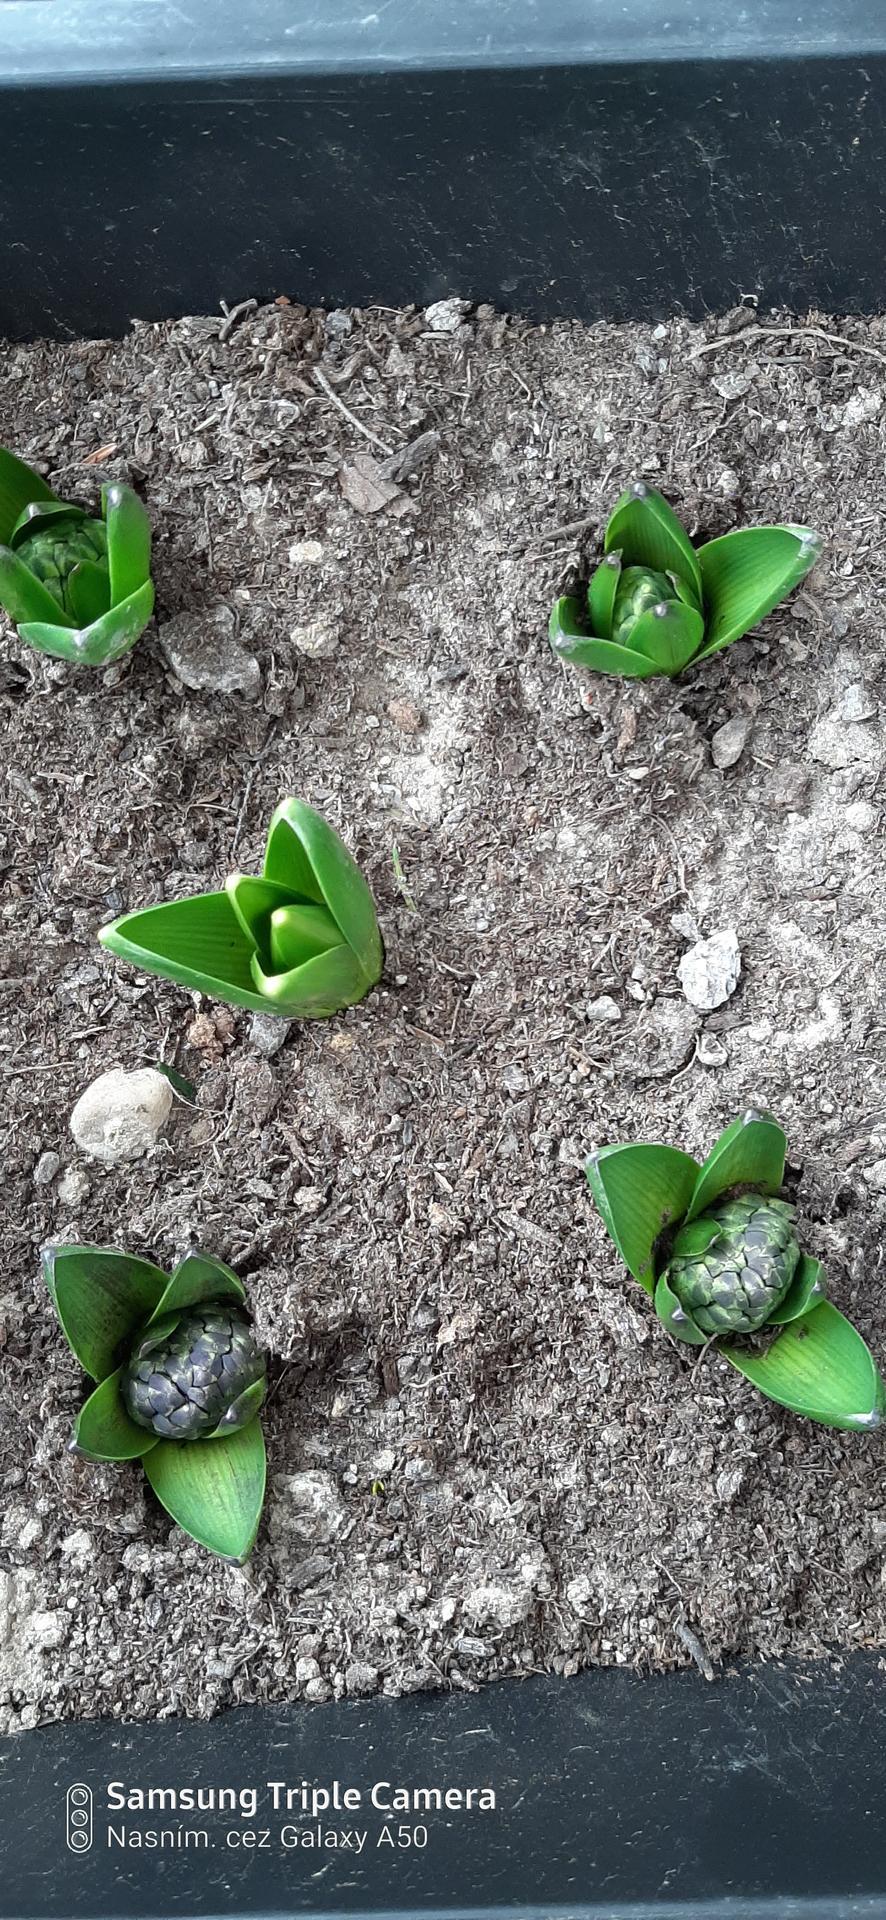 🏠🌞🌺❤🌷 Zahrada a jej dalsi rok...2020 🌱🐞🐛🦋🍓🥕🍅🌺❤ - Hyacinty v kvetinacoch.